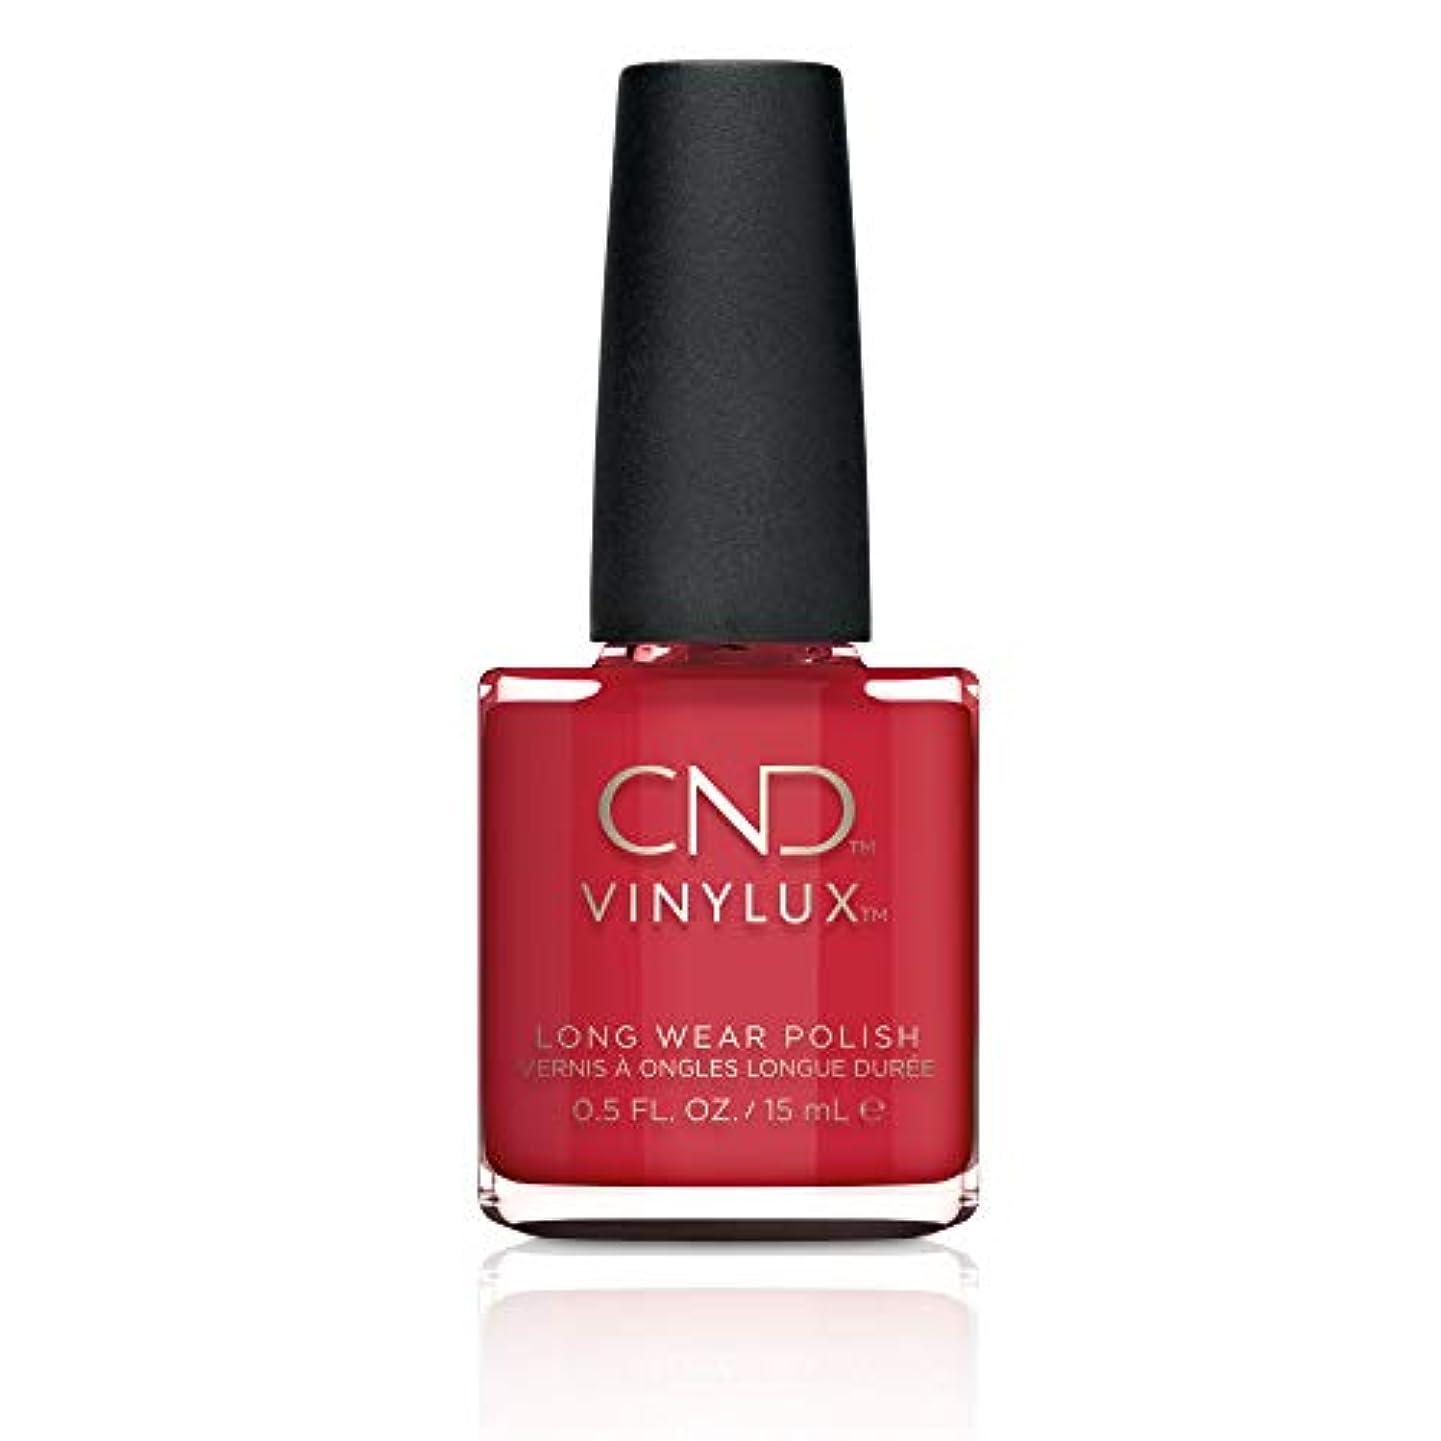 八百屋さん多様性謎CND Vinylux Weekly Polish Colore 143 Rouge Red 15ml